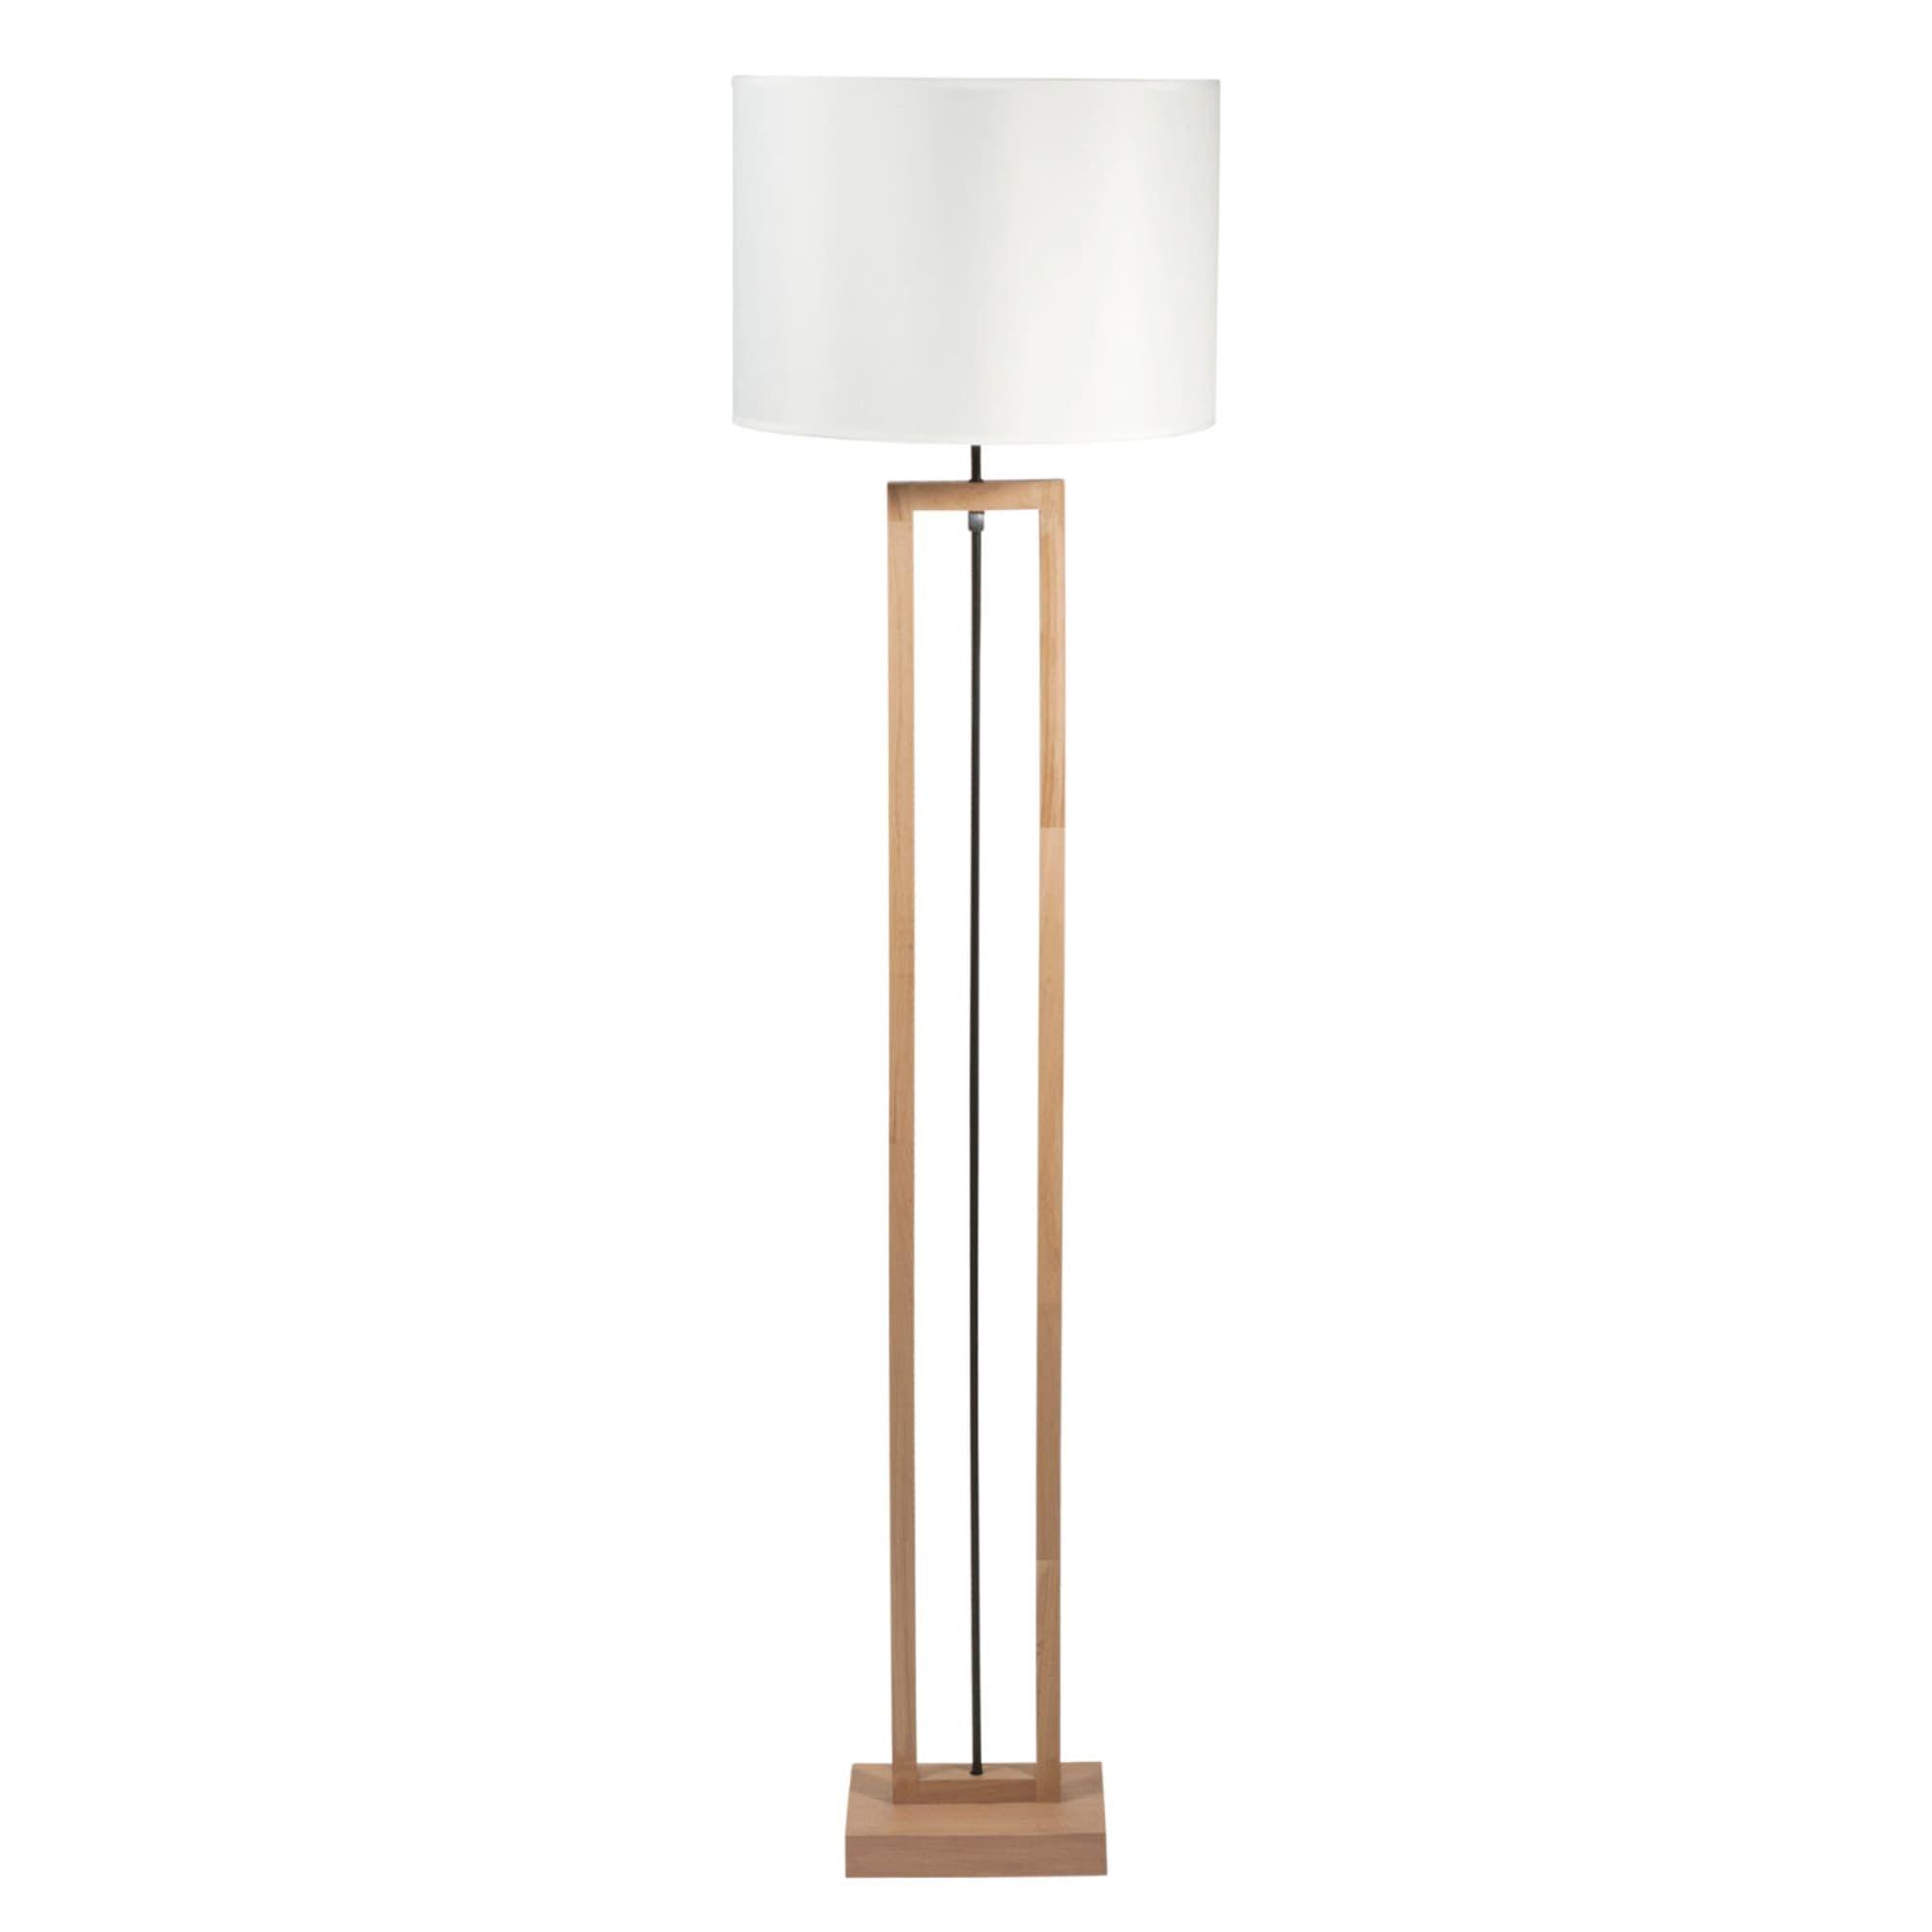 Staande Terminalia Houten Lamp Met Witte Katoenen Kap H165 Houten Lamp Lampen En Wit Katoen